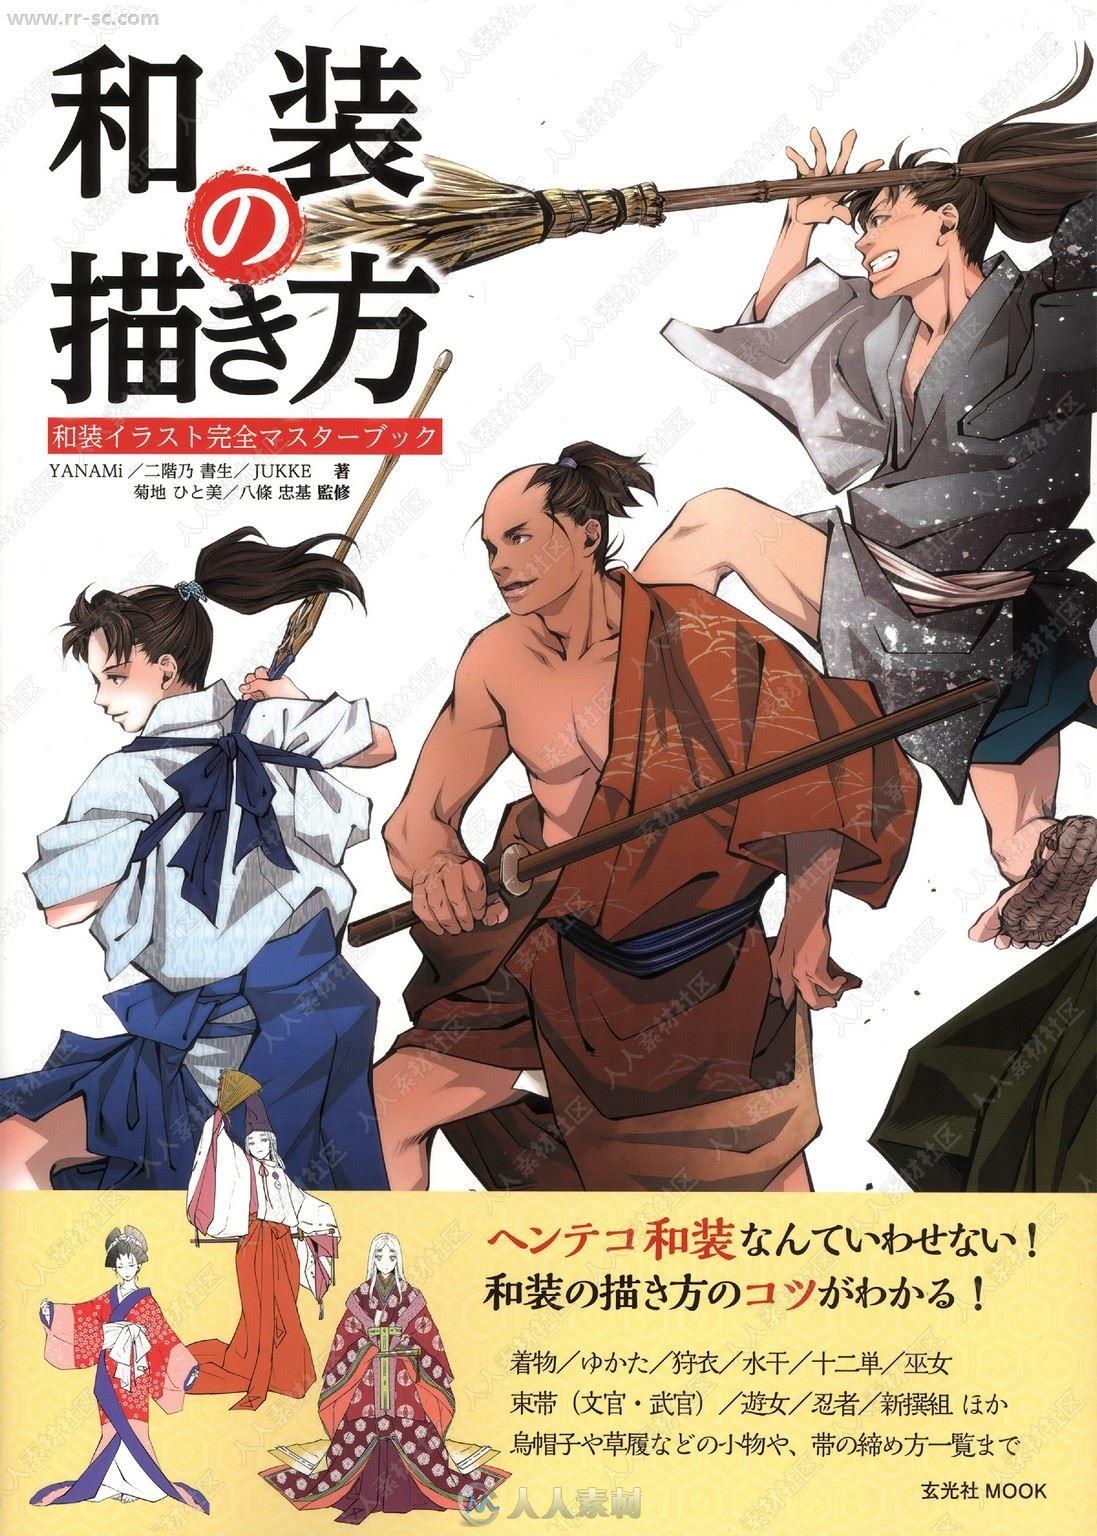 日本和服的画法和装插图绘制手册原画插画